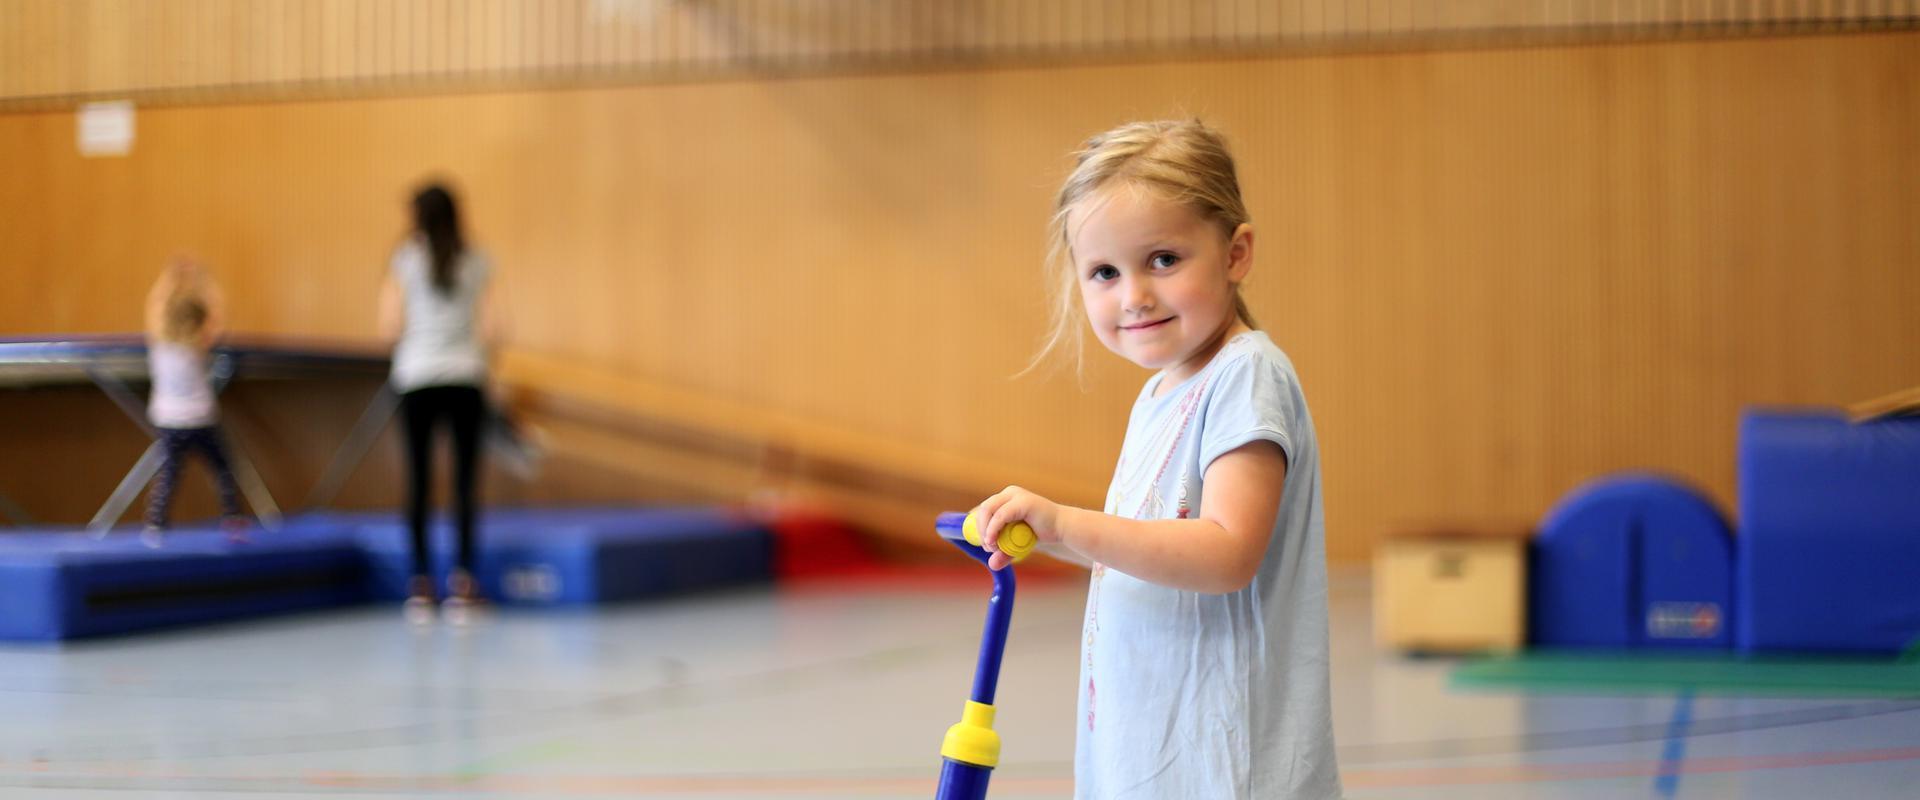 MEDIAN Klinik Freizeit und Umgebung Sport